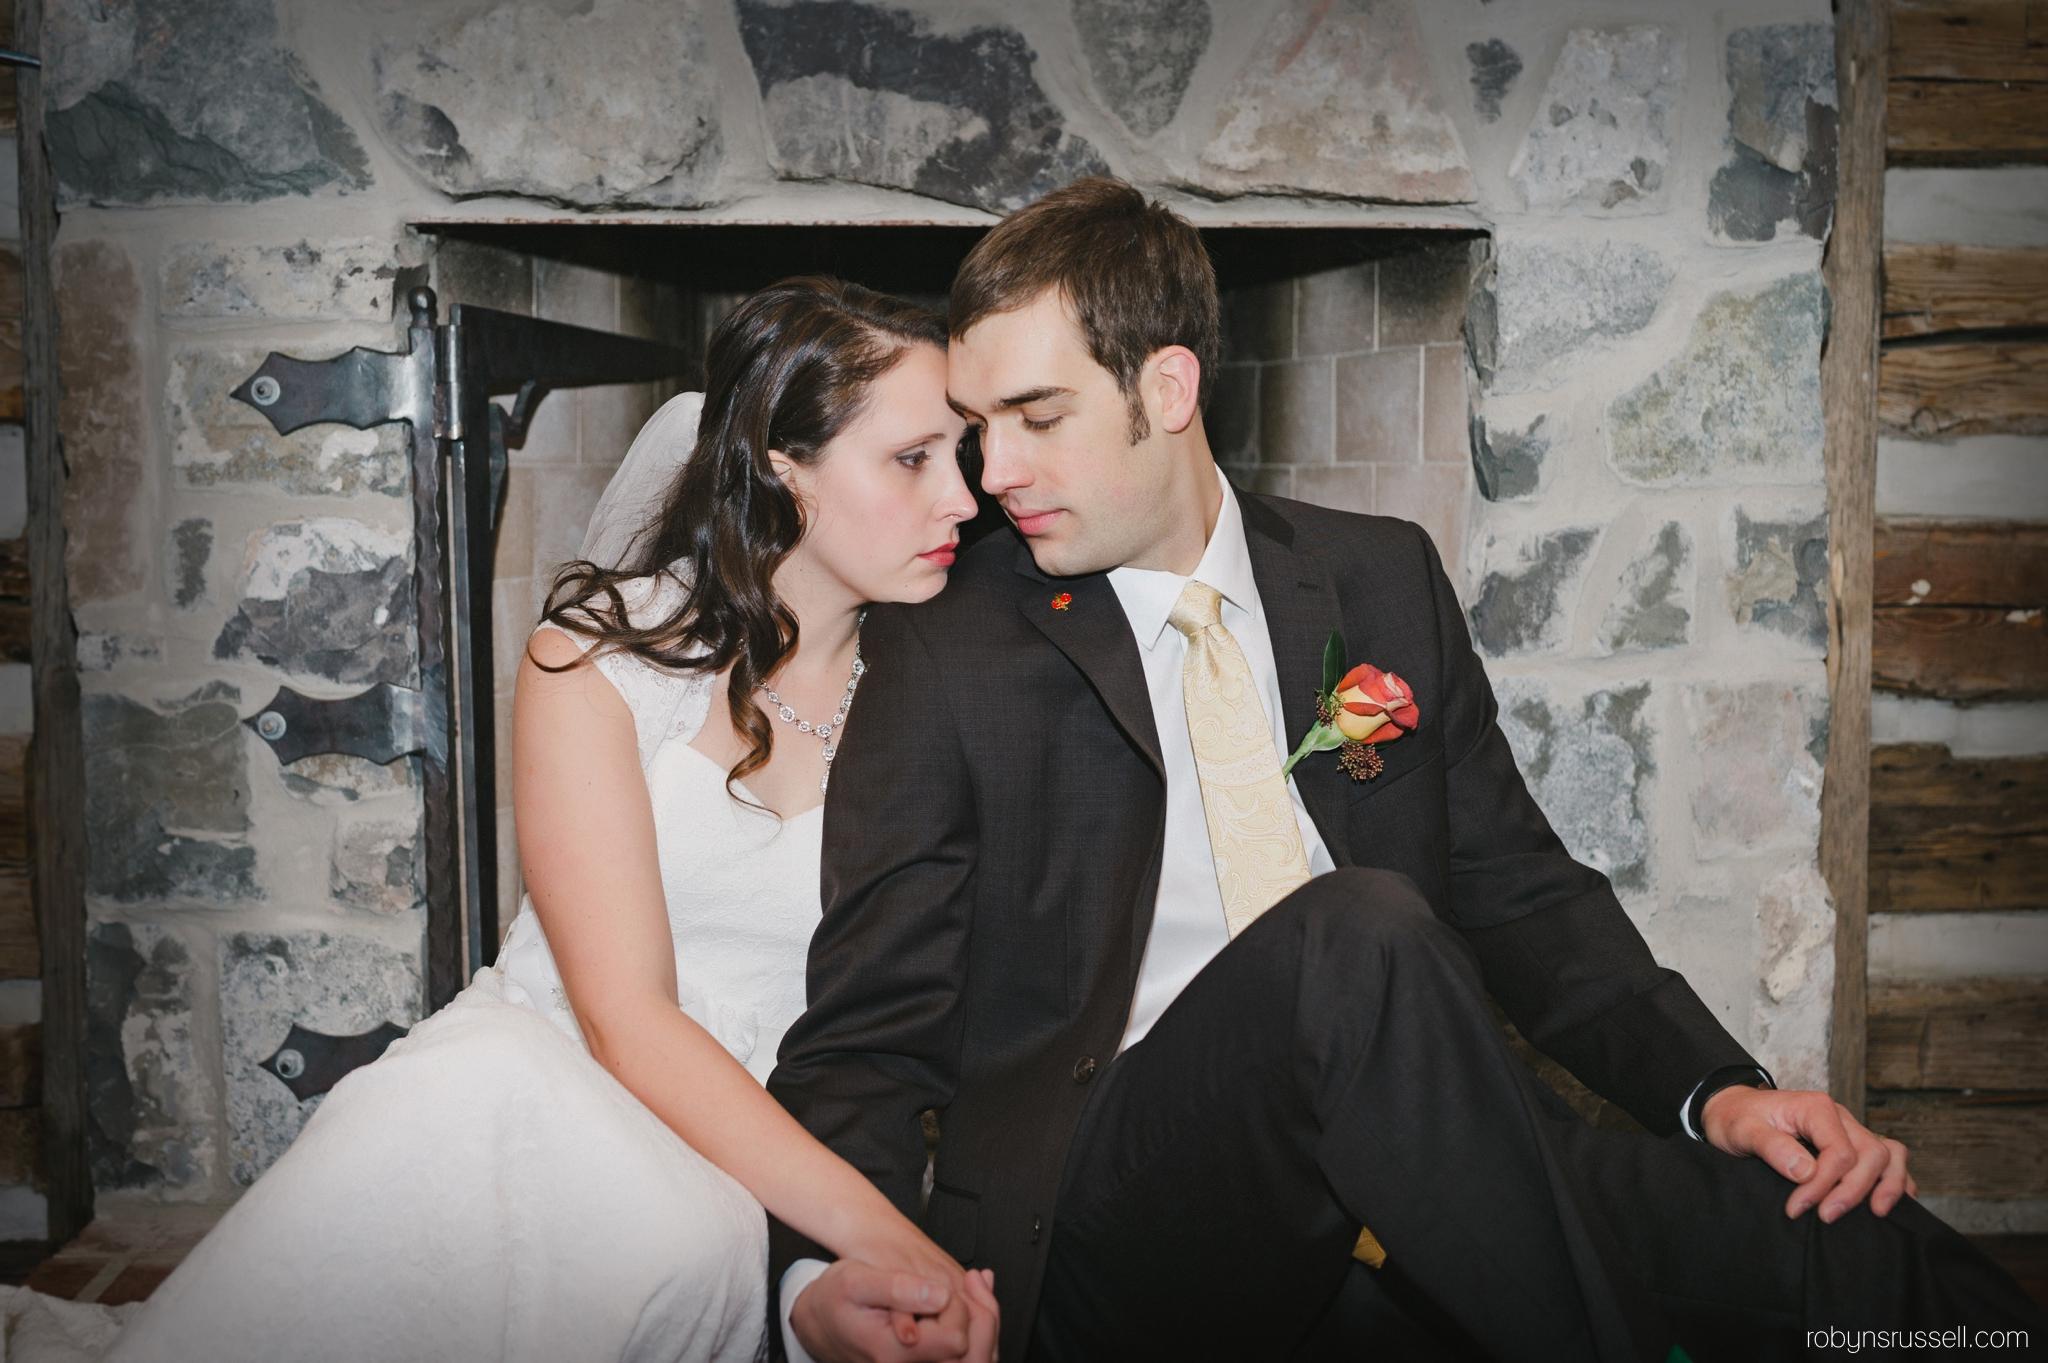 39-bride-and-groom-married-at-bradley-house-heritage-wedding.jpg